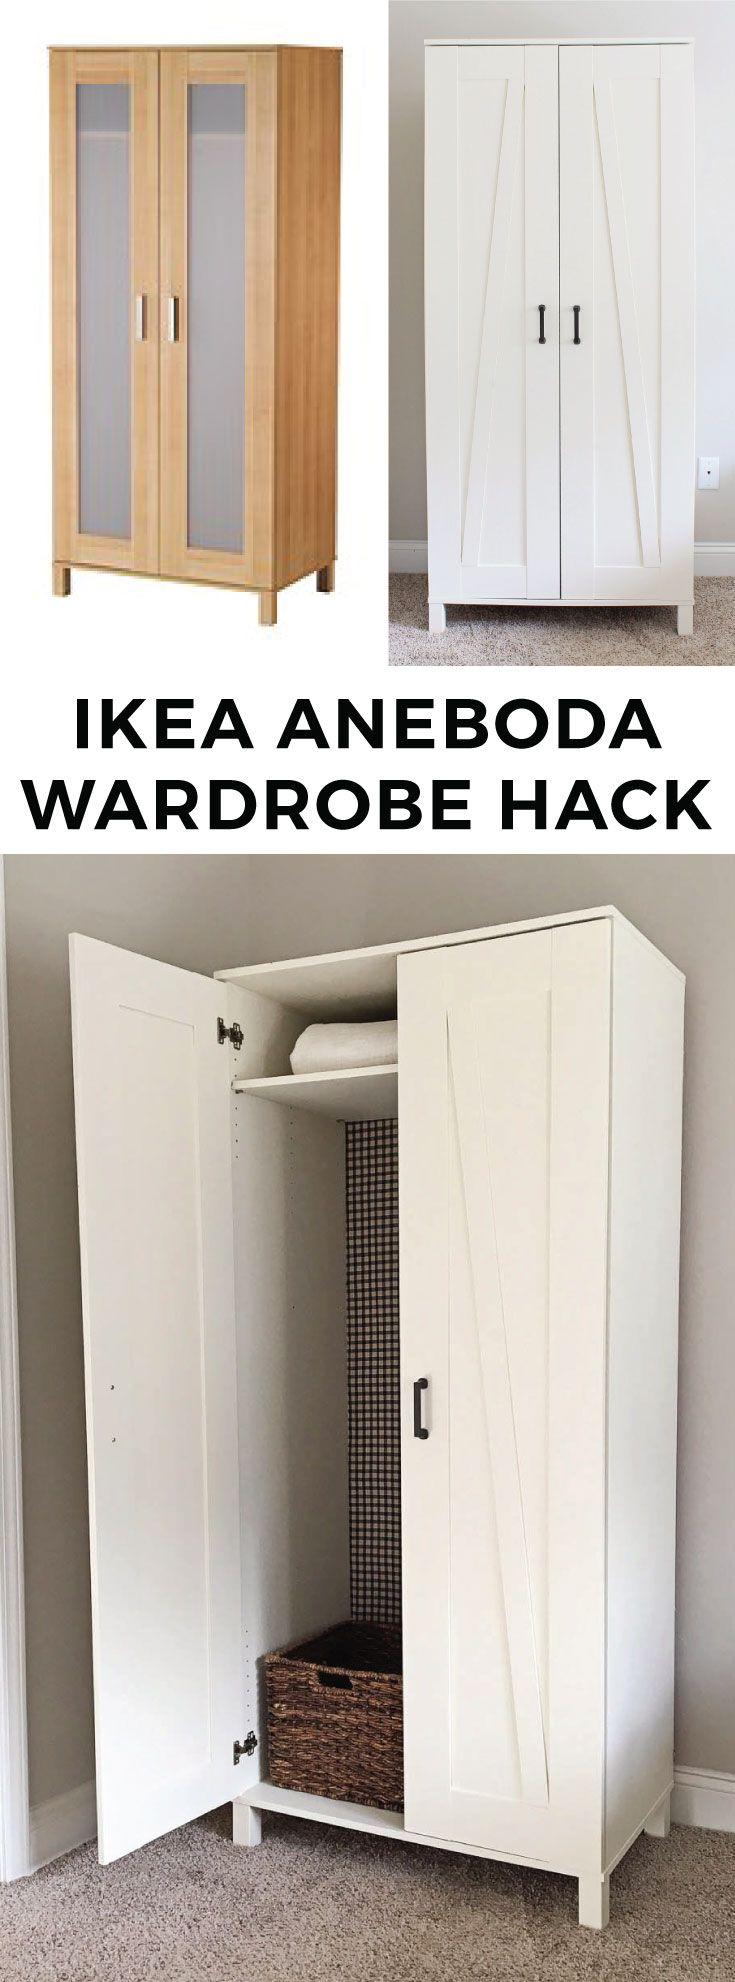 DIY IKEA Hack. Farmhouse style wardrobe from the IKEA Aneboda Wardrobe.